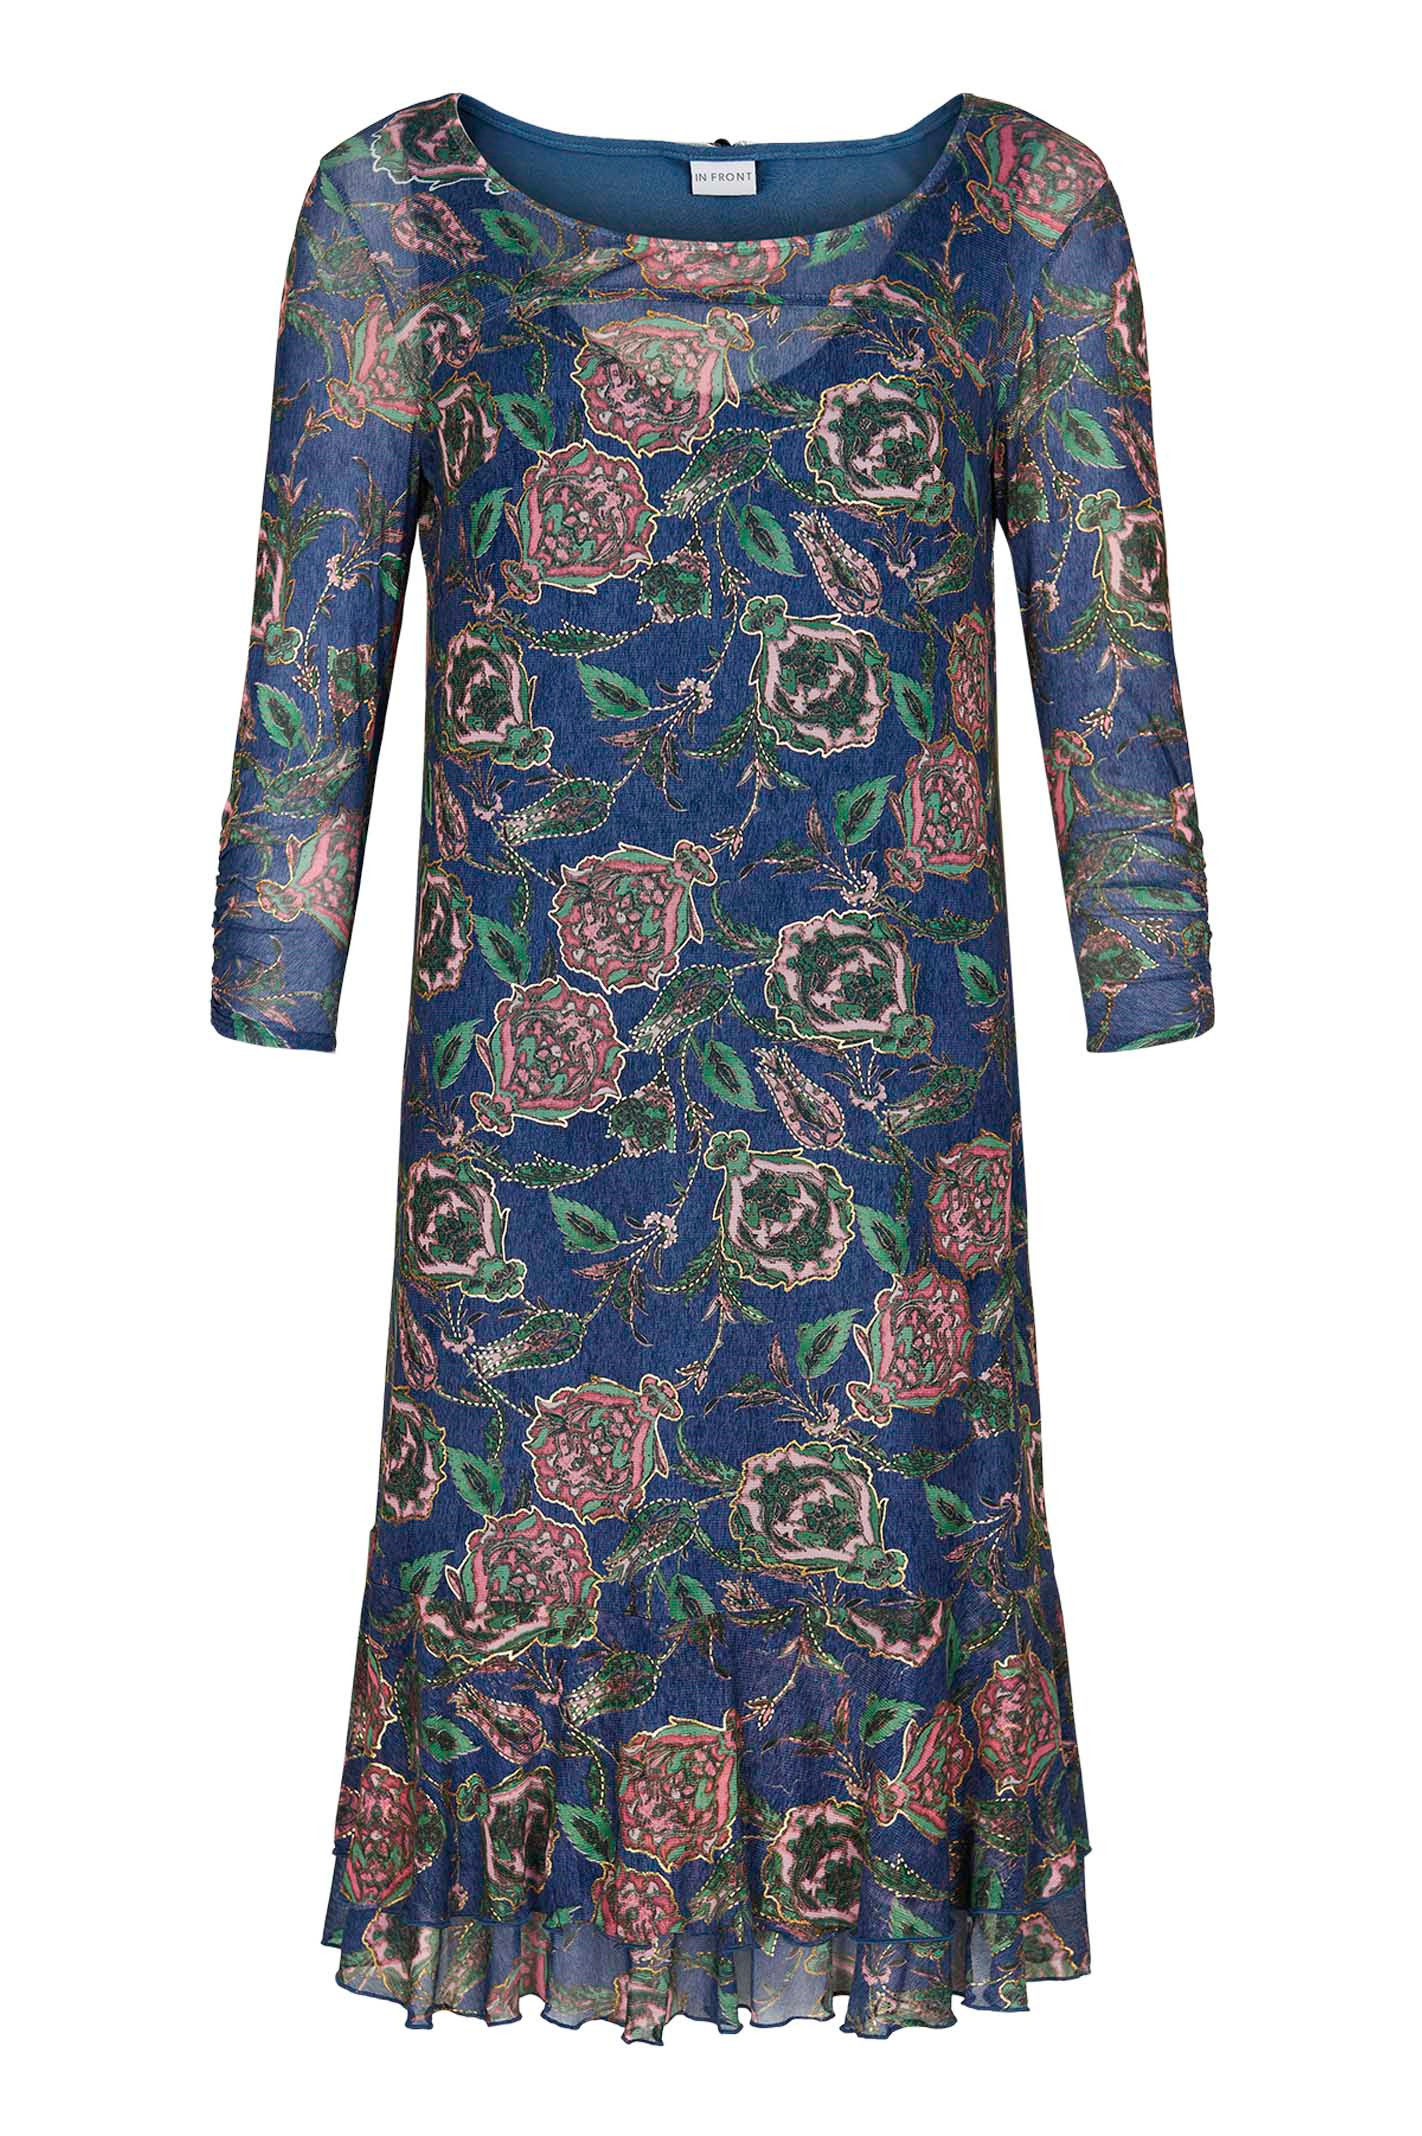 IN FRONT Lise dress 13879 Thunder blue